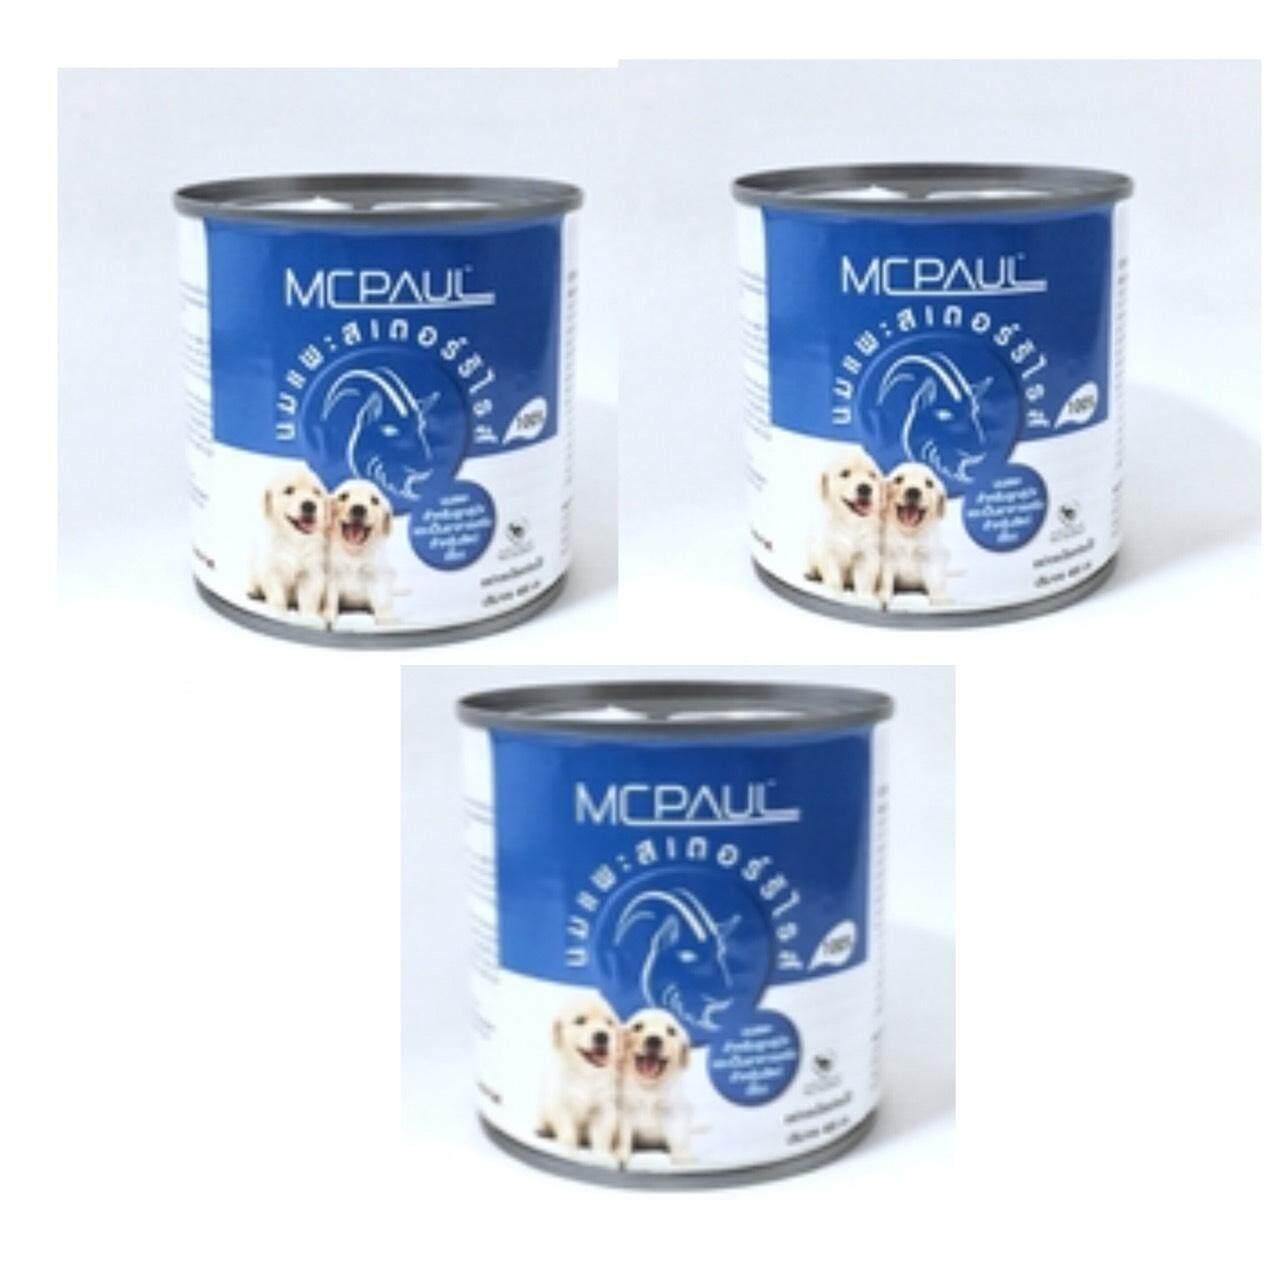 (3 กระป๋อง) Mcpaul Goat Milk นมแพะ 400 ml สำหรับลูกสุนัข/ลูกแมว